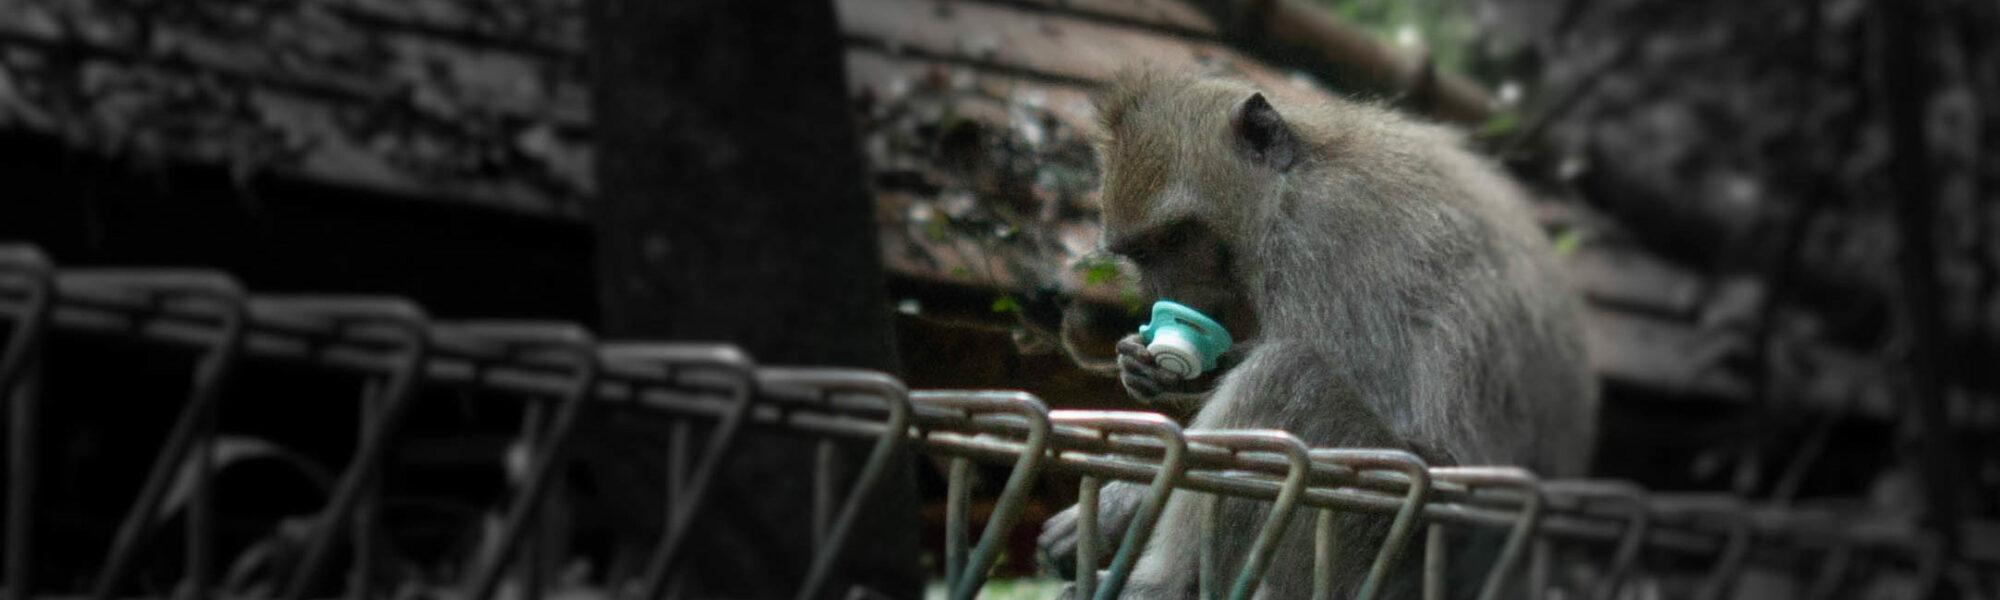 Schnuller von Affe geraubt – was nun?